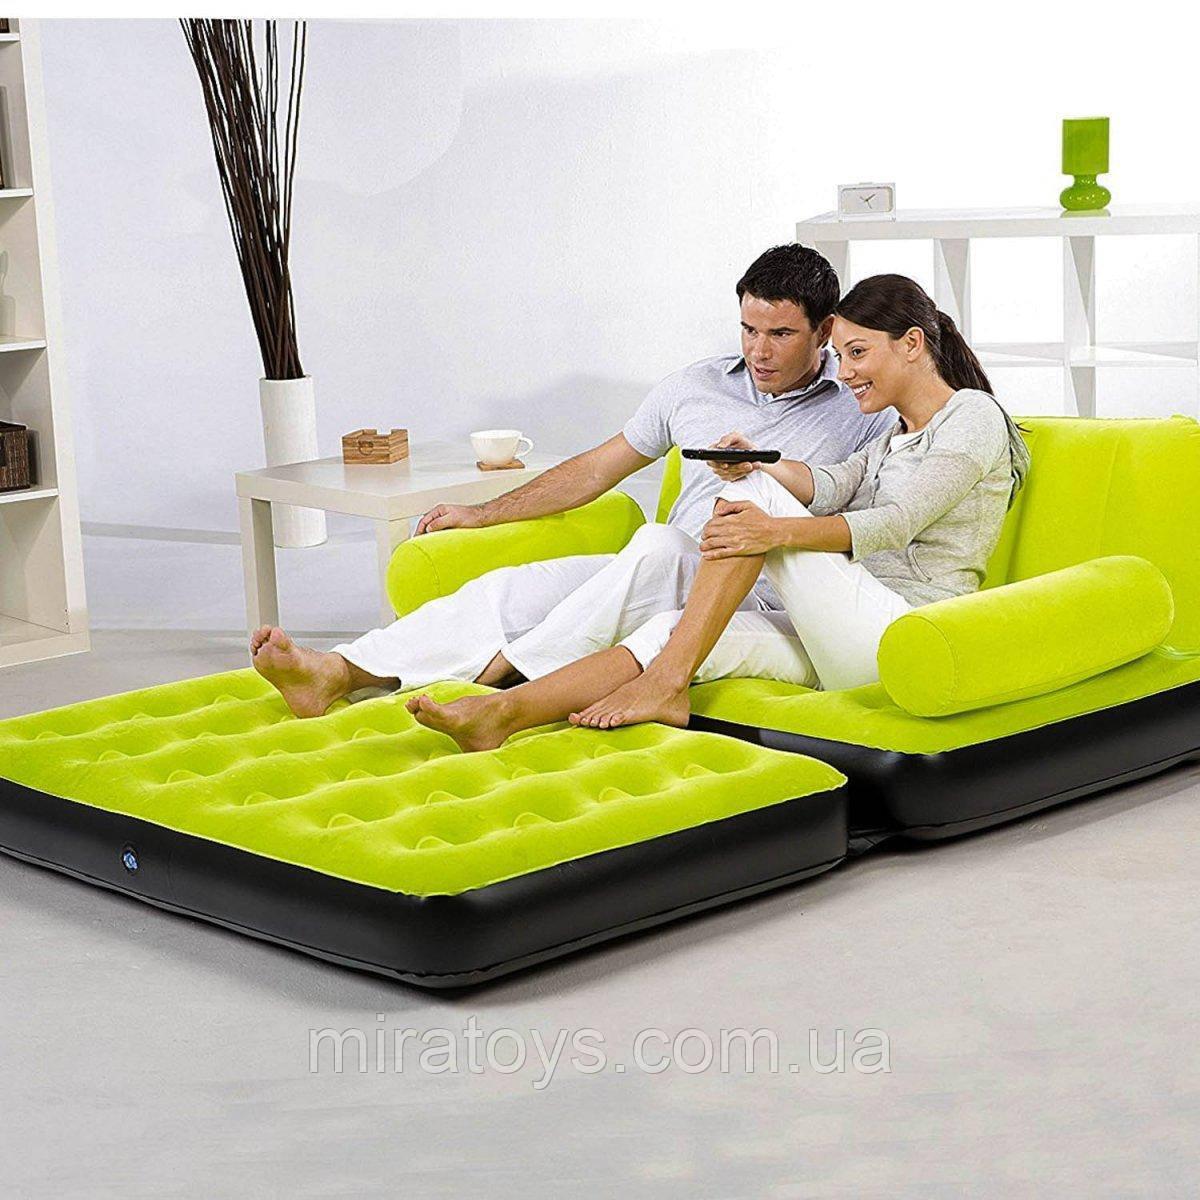 ✅Надувной диван Bestway 67356, 188 х 152 х 64 см с электрическим насосом. Зеленый, 2 в 1